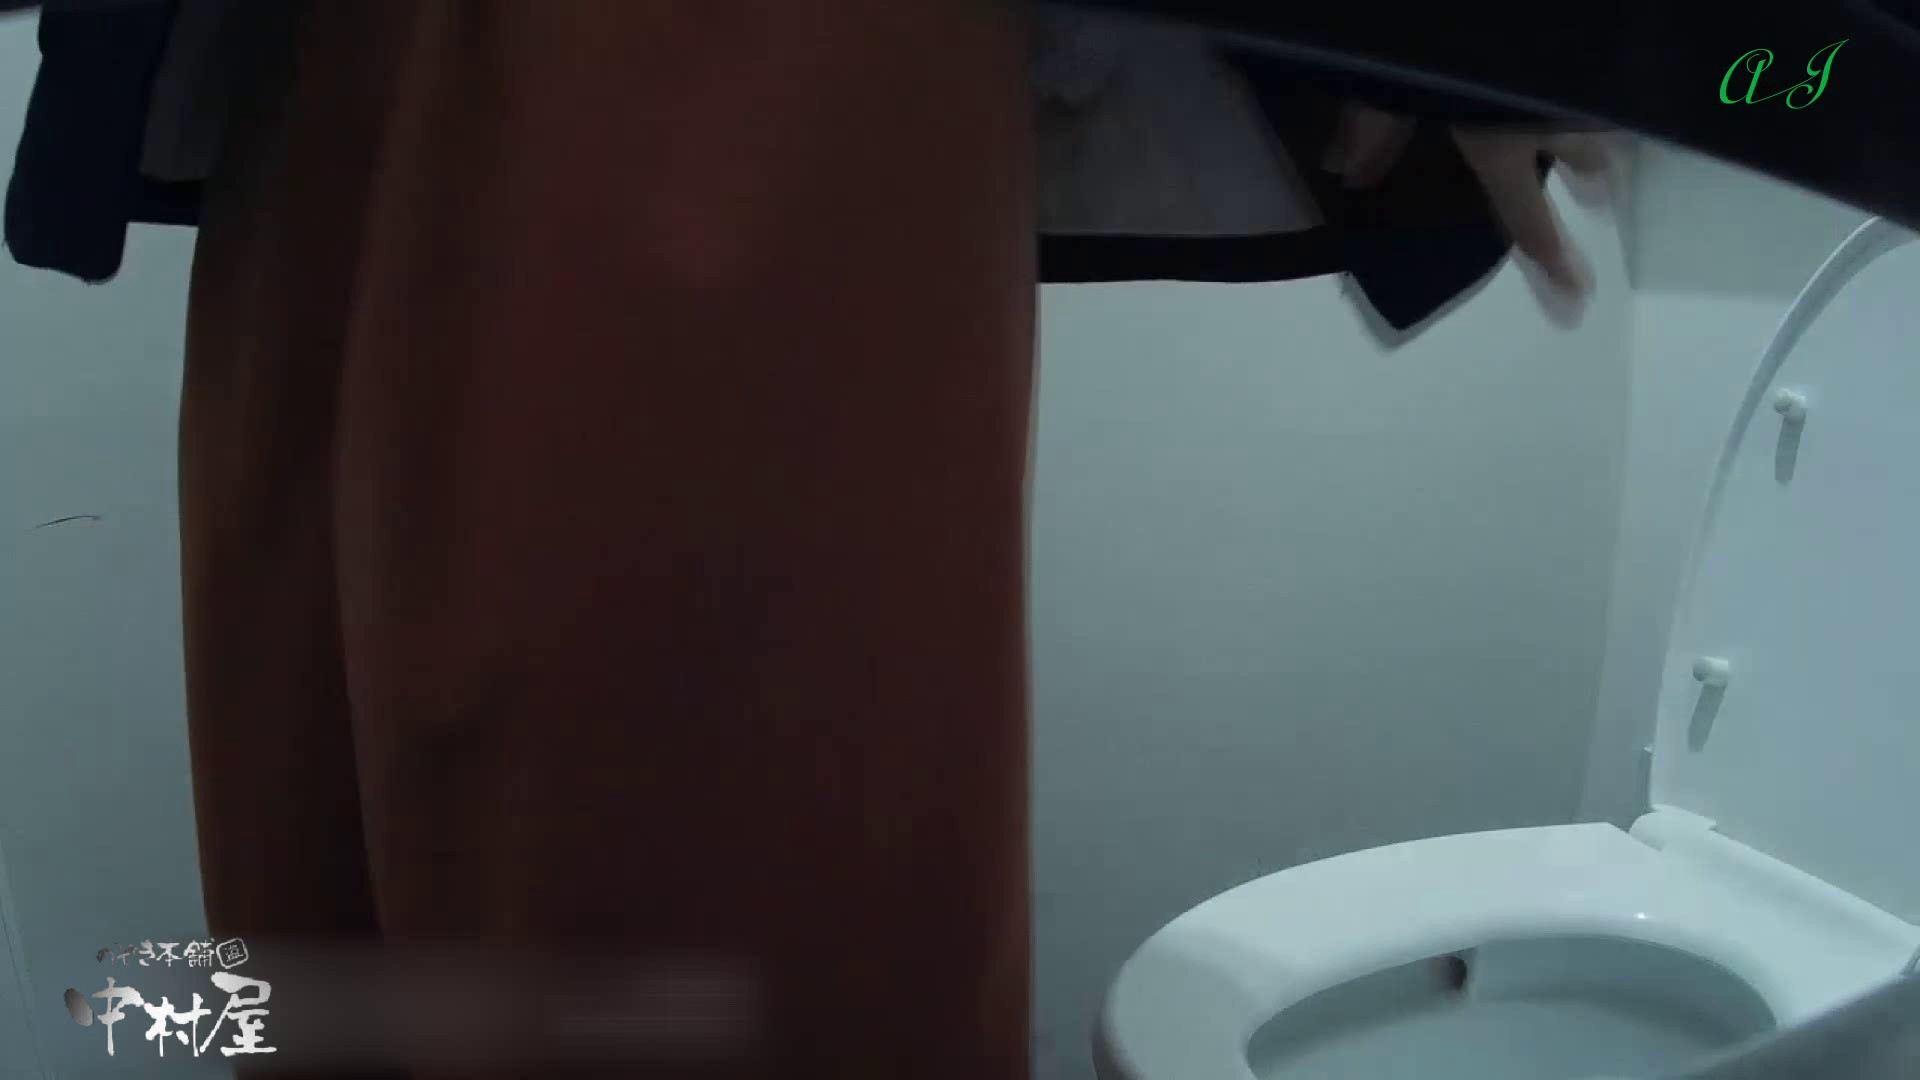 有名大学女性洗面所 vol.78 美女勢揃い 前編 潜入画像 | 人気シリーズ  74画像 1